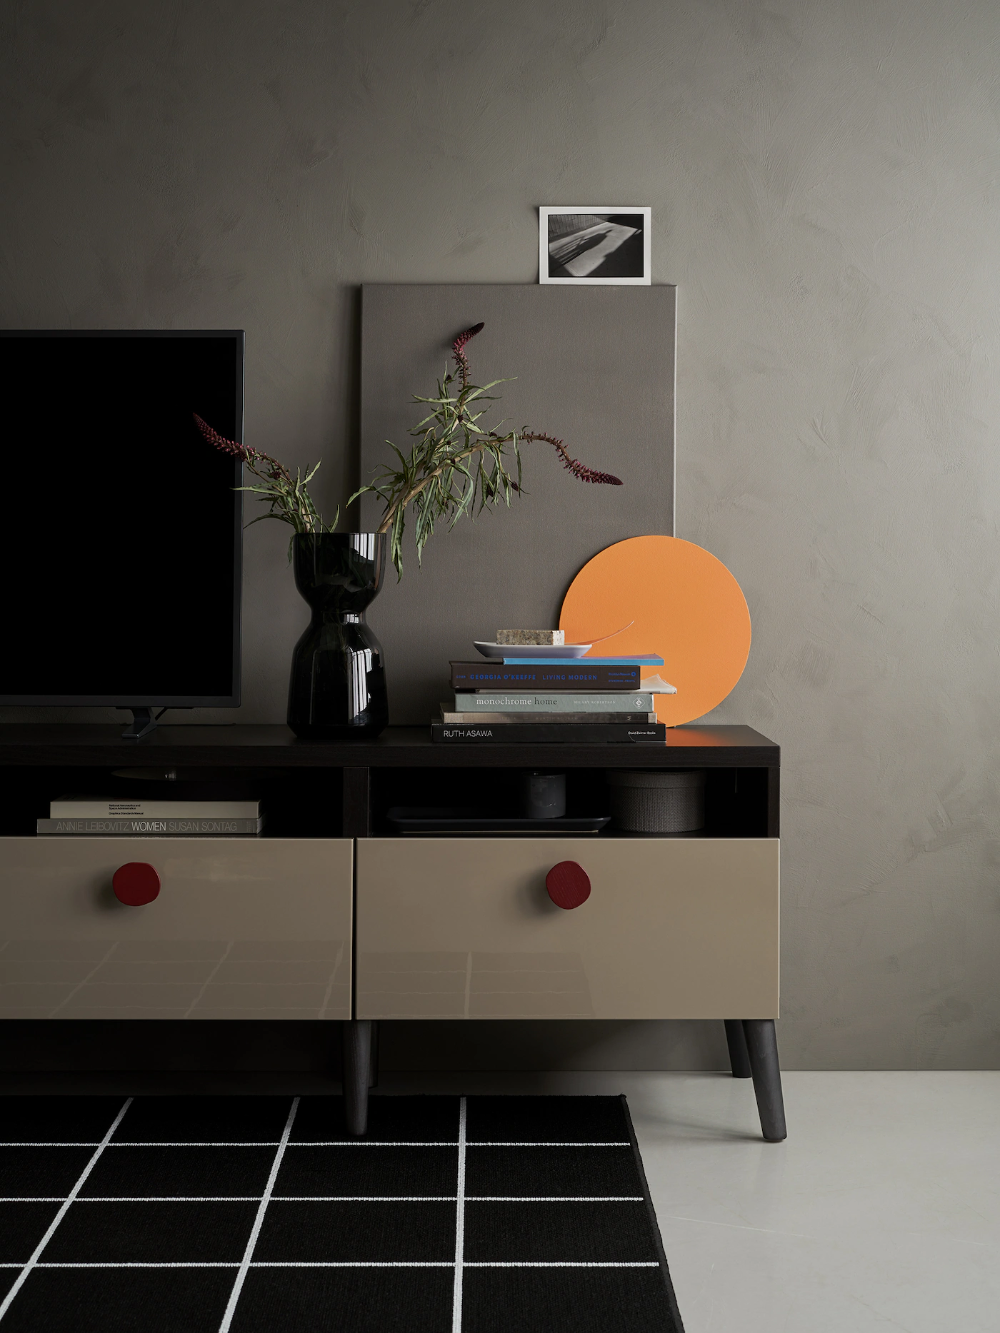 Dein Besta Individuell Mit Knopfen Beinen Gestalten Ikea Hack Haus Deko Zuhause